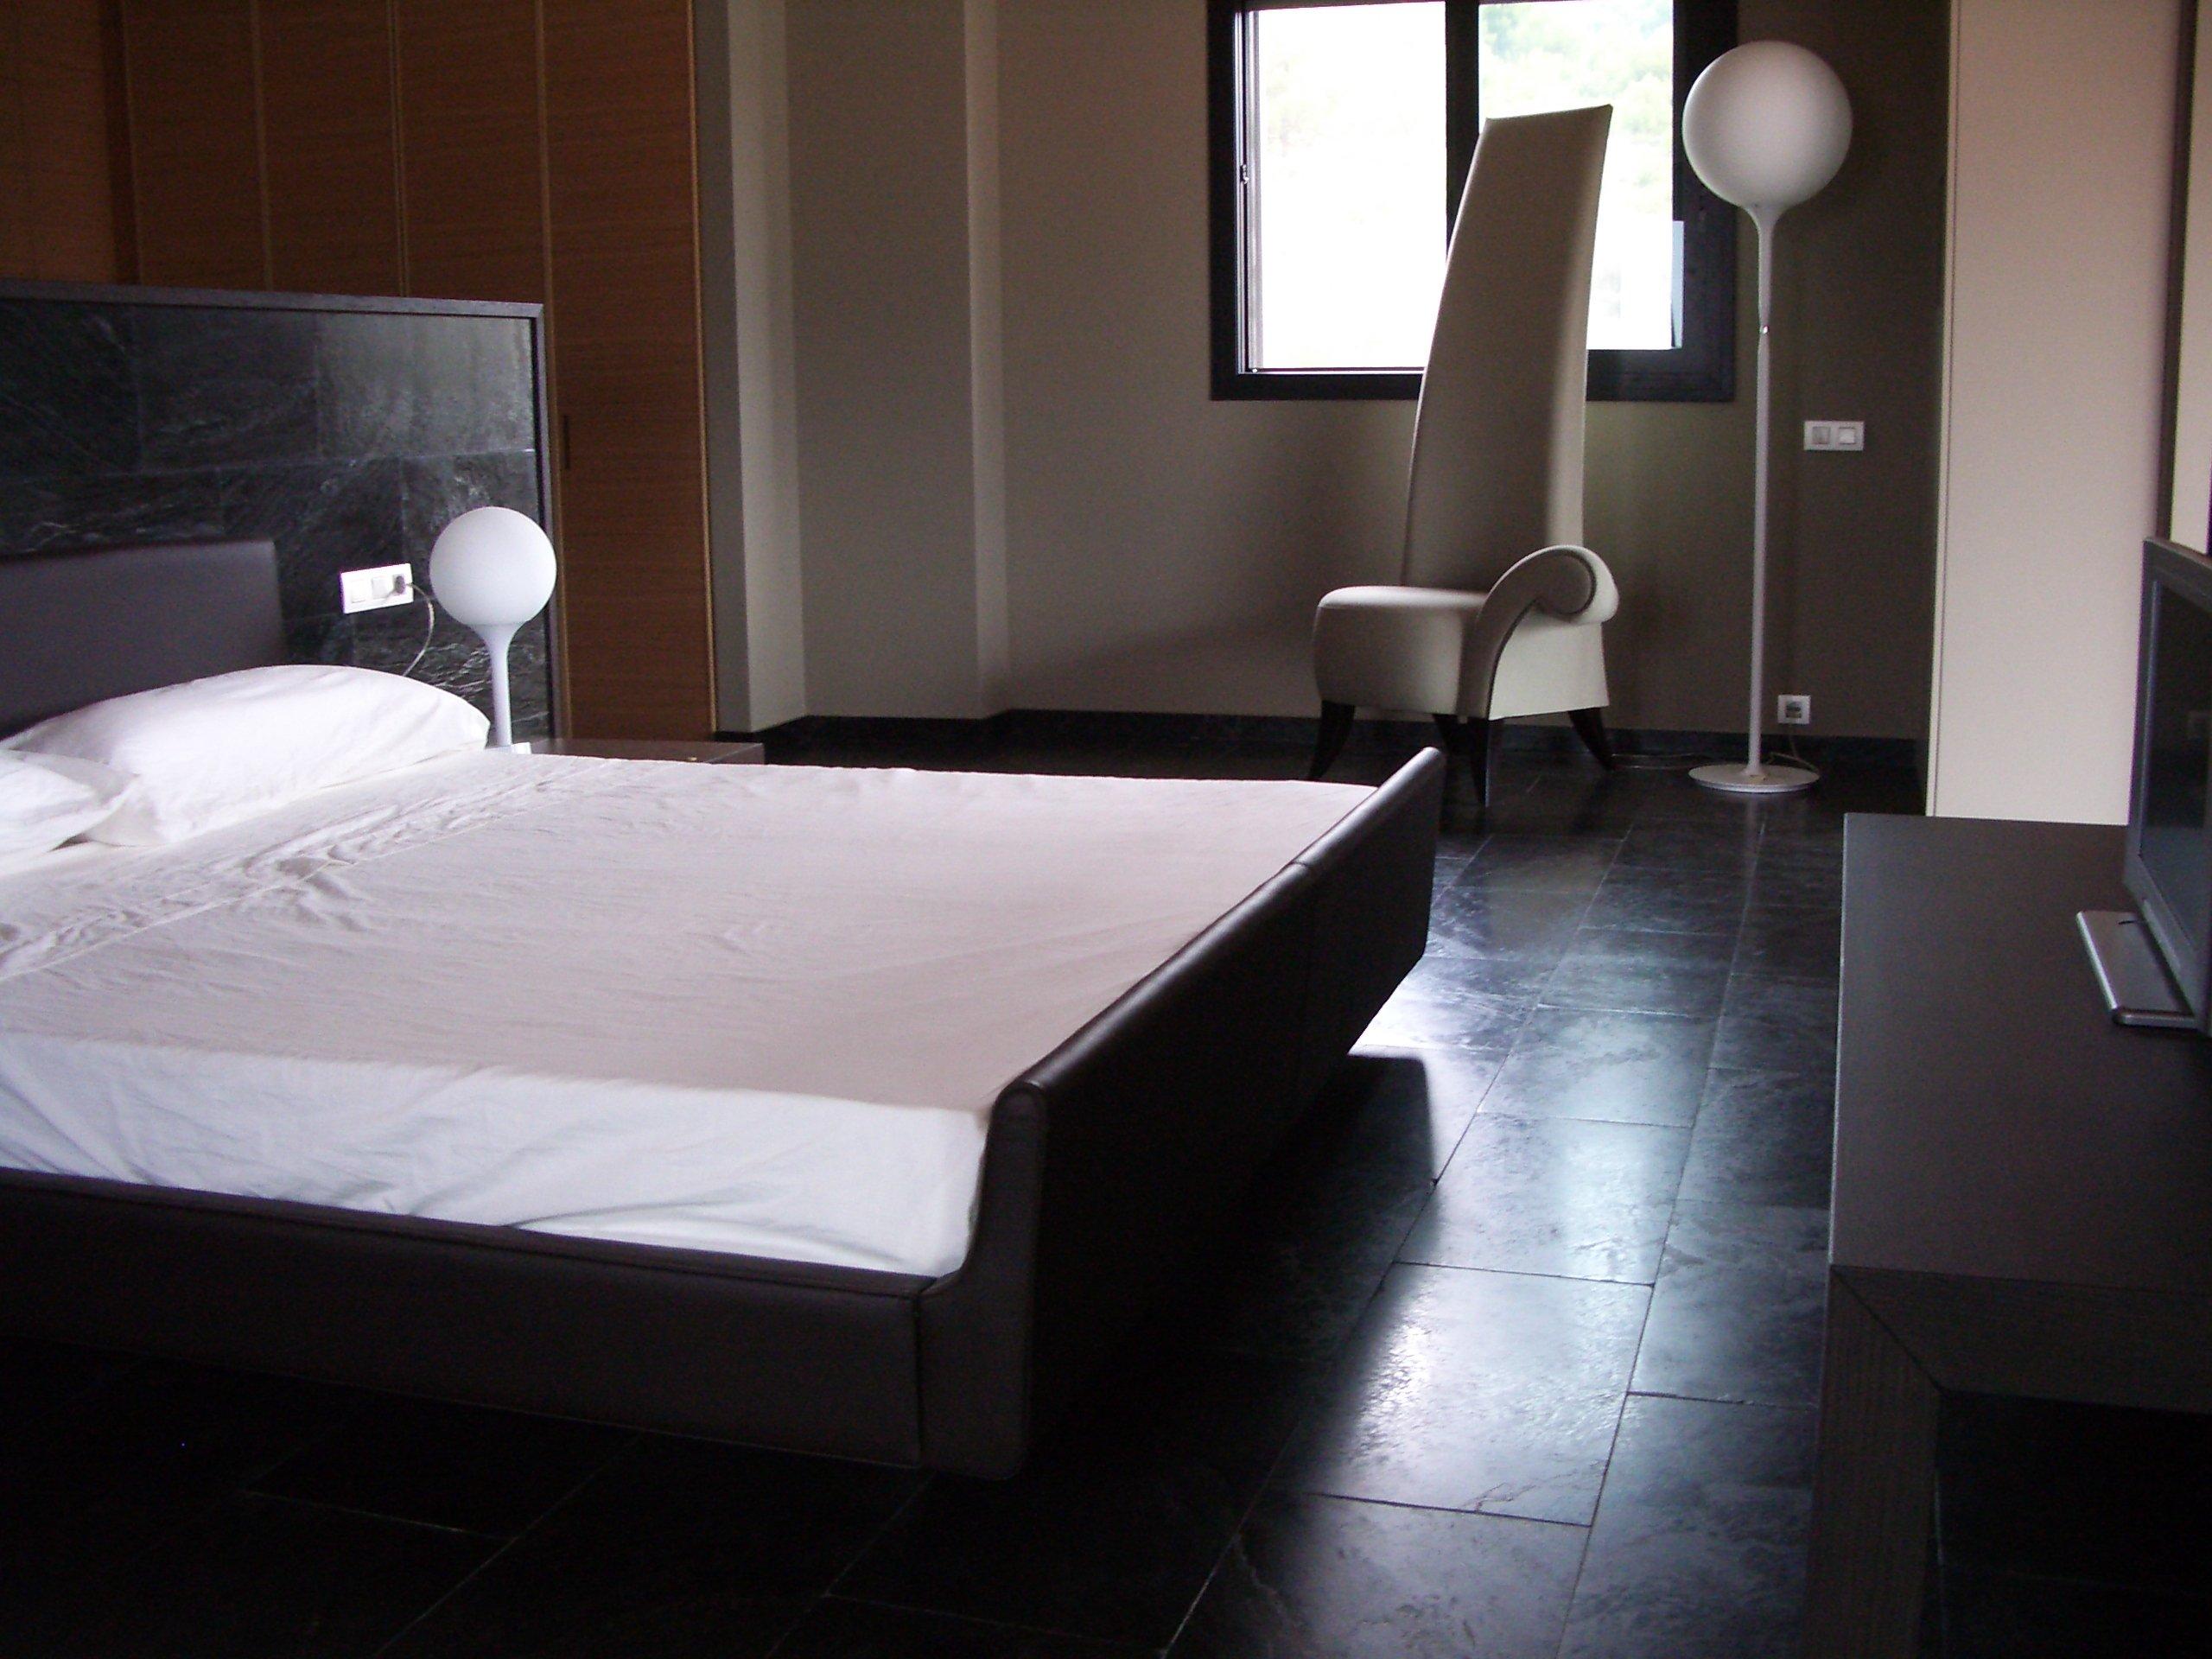 Pavimento per la camera da letto consigli per la vostra - Pavimento bagno consigli ...